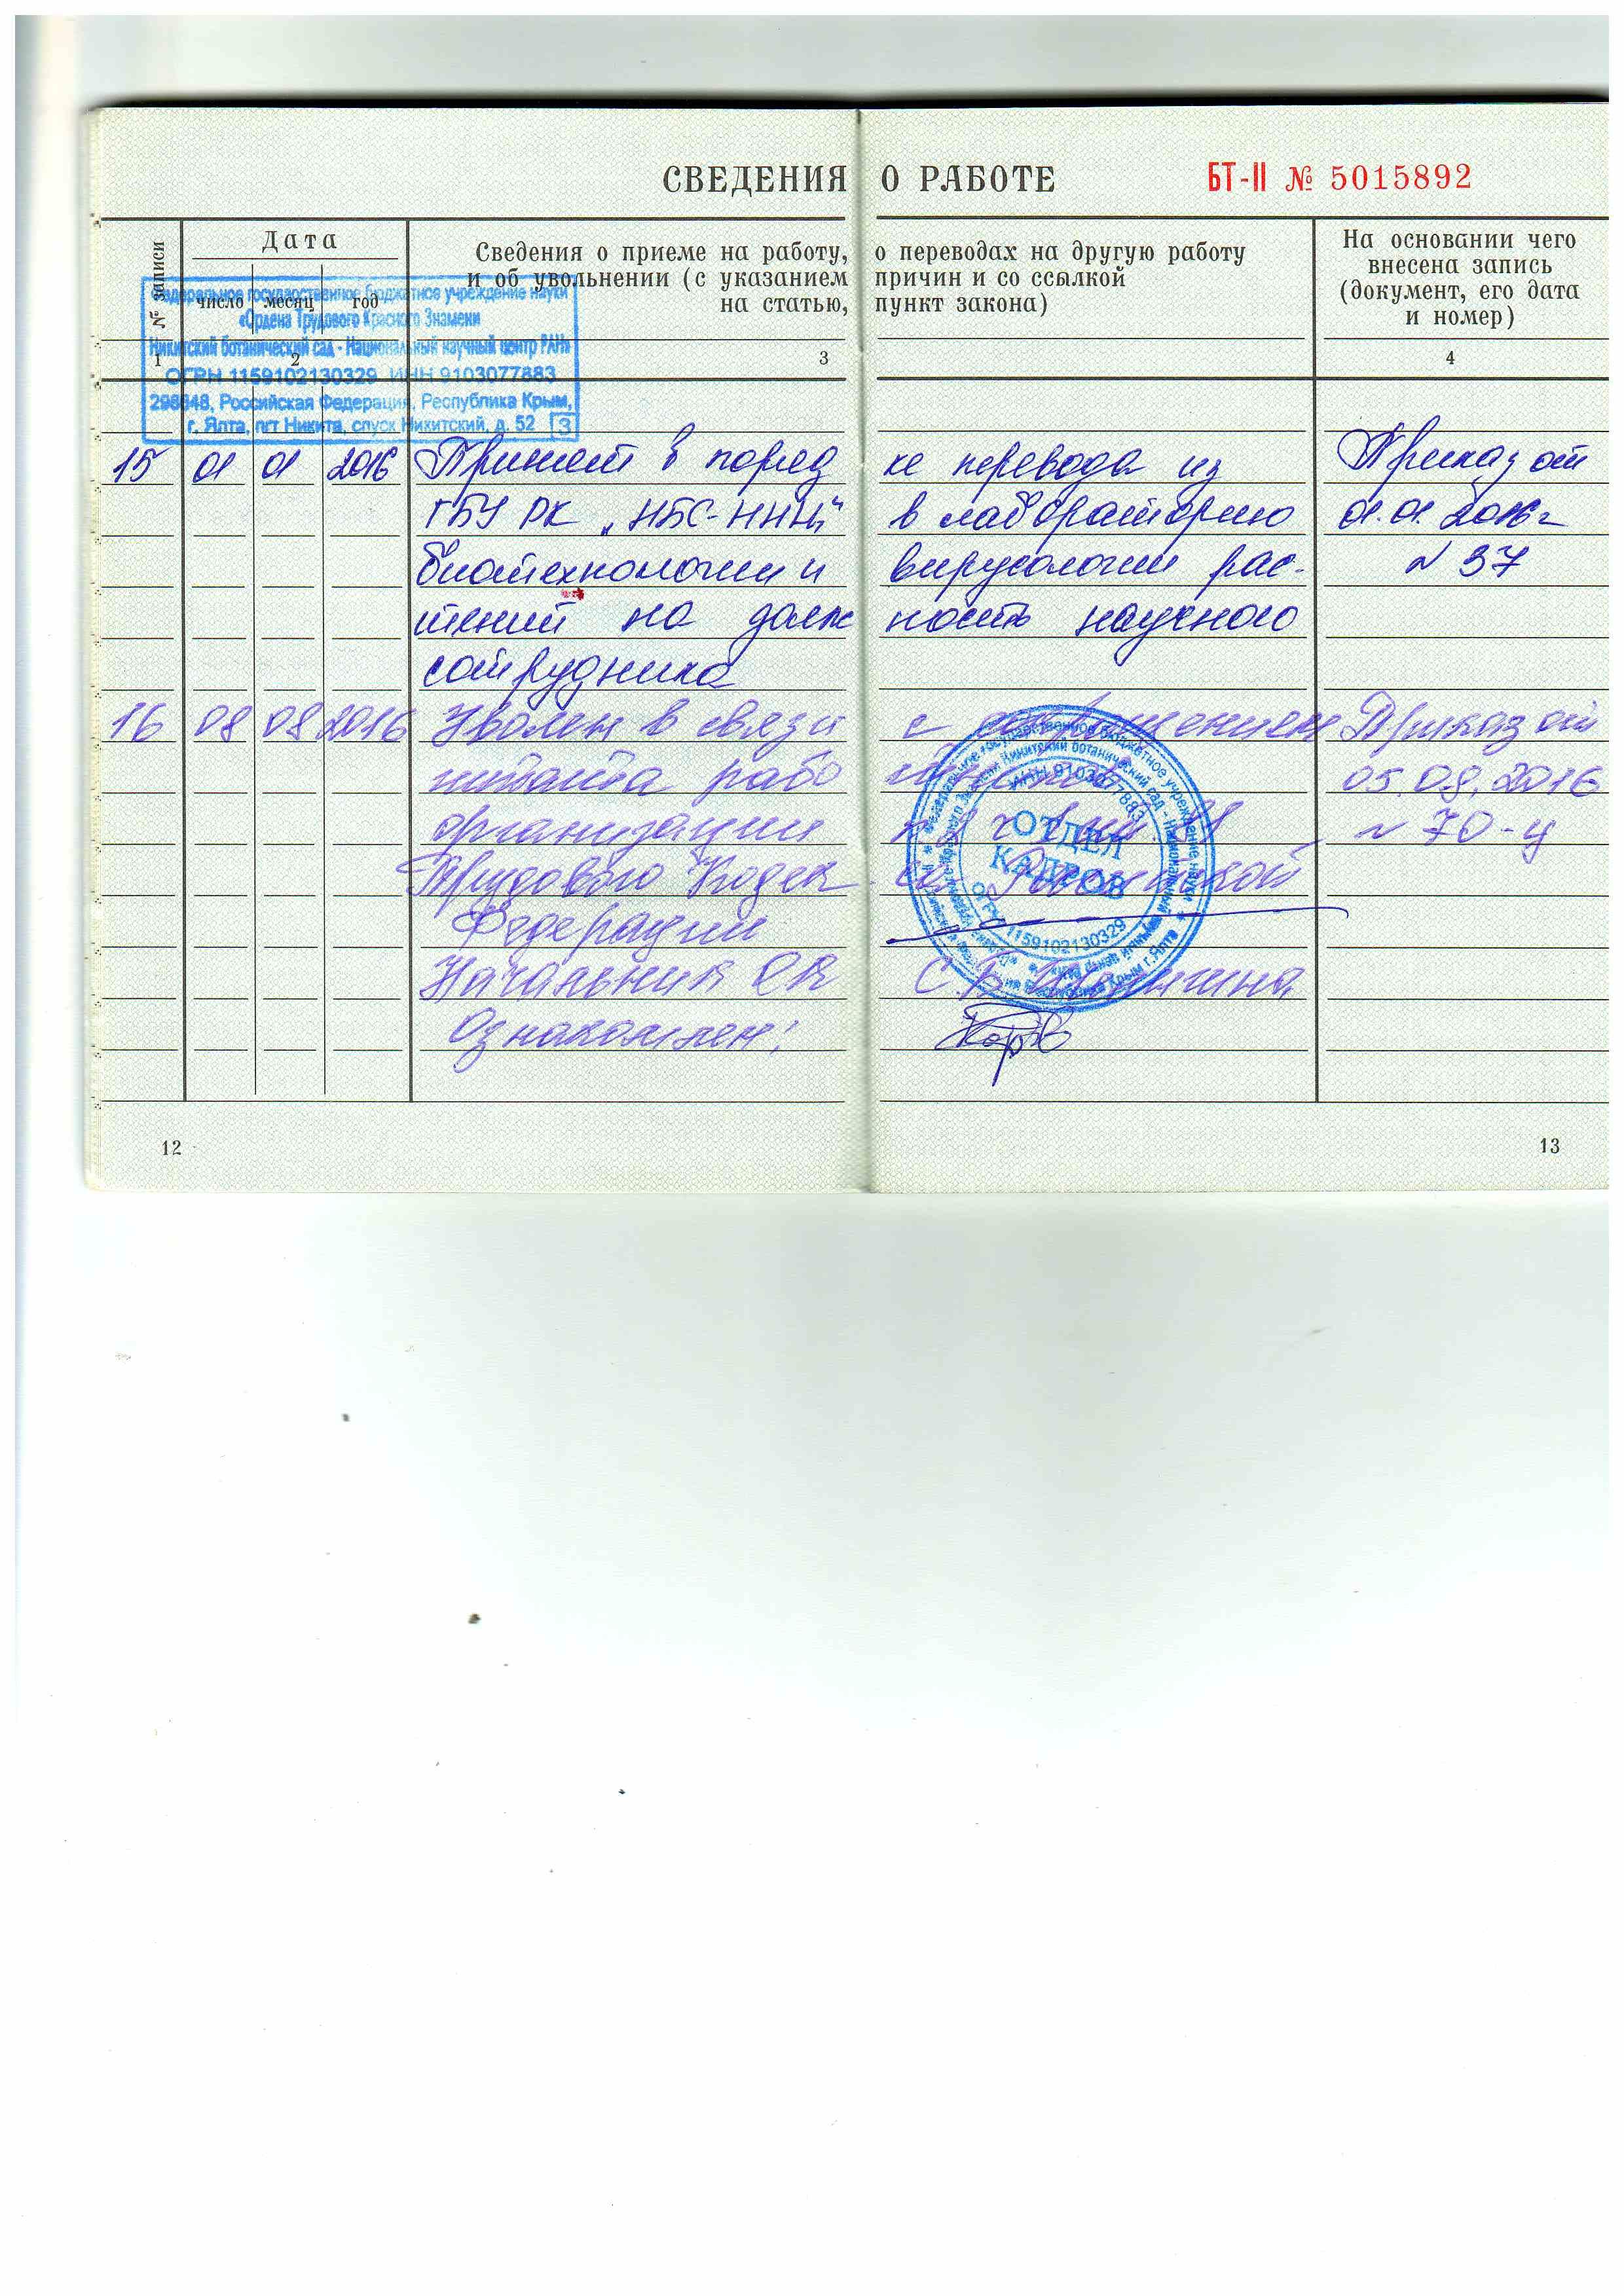 У Криму вченого звільнили з роботи за відмову від російського паспорта (ДОКУМЕНТ) - фото 1